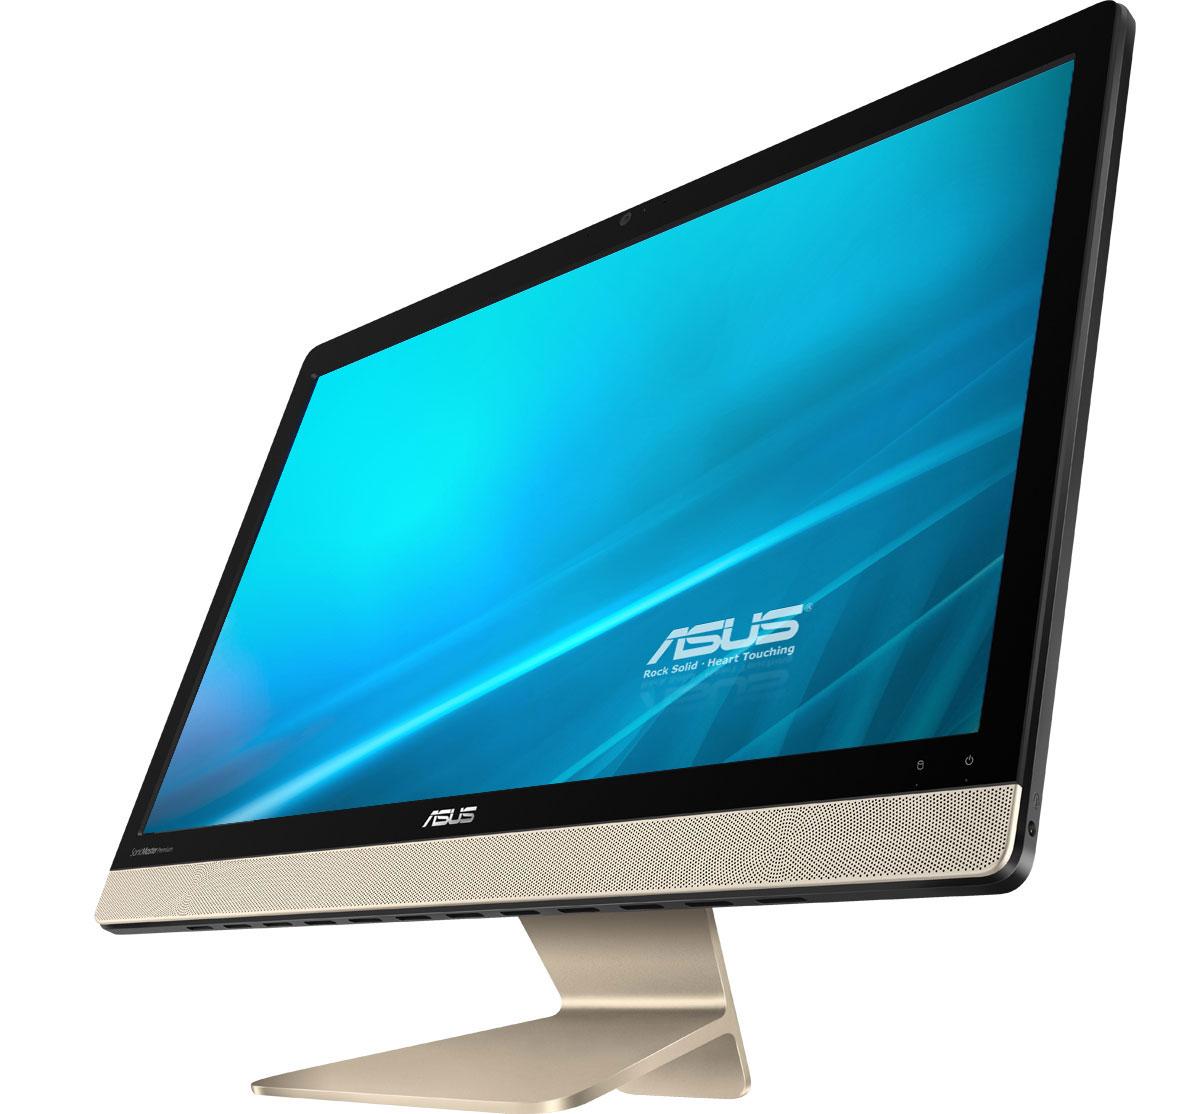 ASUS Vivo AiO V221ICUK-BA051D, Black Gold моноблокV221ICUK-BA051DASUS Vivo AiO V221ICUK - это самая тонкая модель в линейке моноблочных компьютеров Vivo AiO. Она будет особенно хороша для мультимедийных приложений, поскольку включает в себя высококачественную встроенную аудиосистему, выдающую мощный звук с минимальным уровнем искажений.При создании облика моноблочного компьютера Vivo AiO V221ICUK дизайнеры и инженеры ASUS старались минимизировать число отвлекающих деталей, но при этом сделать его максимально удобным в использовании. Изящная и прочная подставка, выполненная из цельной алюминиевой заготовки, позволяет легко задать комфортный угол наклона экрана.Vivo AiO V221ICUK оснащается 21,5-дюймовым дисплеем формата Full HD (1920х1080 пикселей), который выдает детализированную картинку с насыщенными цветами. Этому способствуют эксклюзивные технологии Splendid и Tru2Life Video, оптимизирующие изображение в зависимости от используемых приложений.В аппаратную конфигурацию Vivo AiO V221ICUK входит процессор Intel Core i3-7100U седьмого поколения, который обладает большей производительностью по сравнению с предыдущим поколением. Таким образом, этот моноблочный компьютер прекрасно подходит для повседневных задач, от просмотра сайтов и видео до работы с электронной почтой.Моноблочный компьютер Vivo AiO V221ICUK наделен высококачественной встроенной акустической системой. Включенные в ее состав фронтальные динамики используют волноводы, акустические камеры увеличенного объема и интеллектуальные усилители, чтобы обеспечить более мощный звук при минимальном уровне искажений. Впечатляющие басы и широкий динамический диапазон приятно удивят всех любителей хорошего звука.Благодаря эксклюзивной аудиотехнологии SonicMaster Premium встроенная аудиосистема компьютера Vivo AiO V221ICUK может похвастать мощными басами и кристально чистым воспроизведением вокала - даже на максимальном уровне громкости.Для настройки звучания служит функция AudioWizard, предлагающая выбрать один из пят